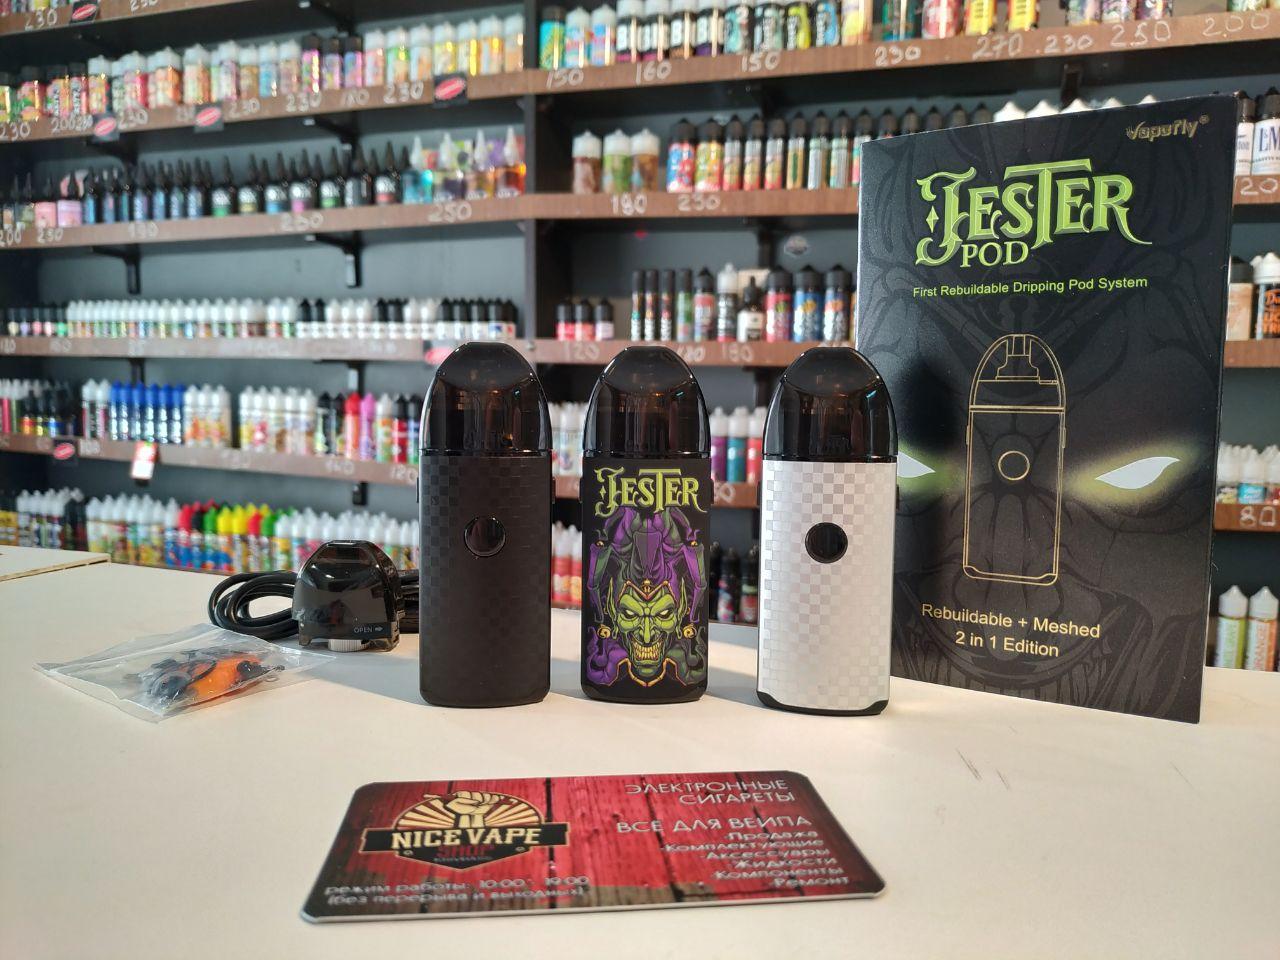 Vapefly Jester Pod DIY ORIGINAL